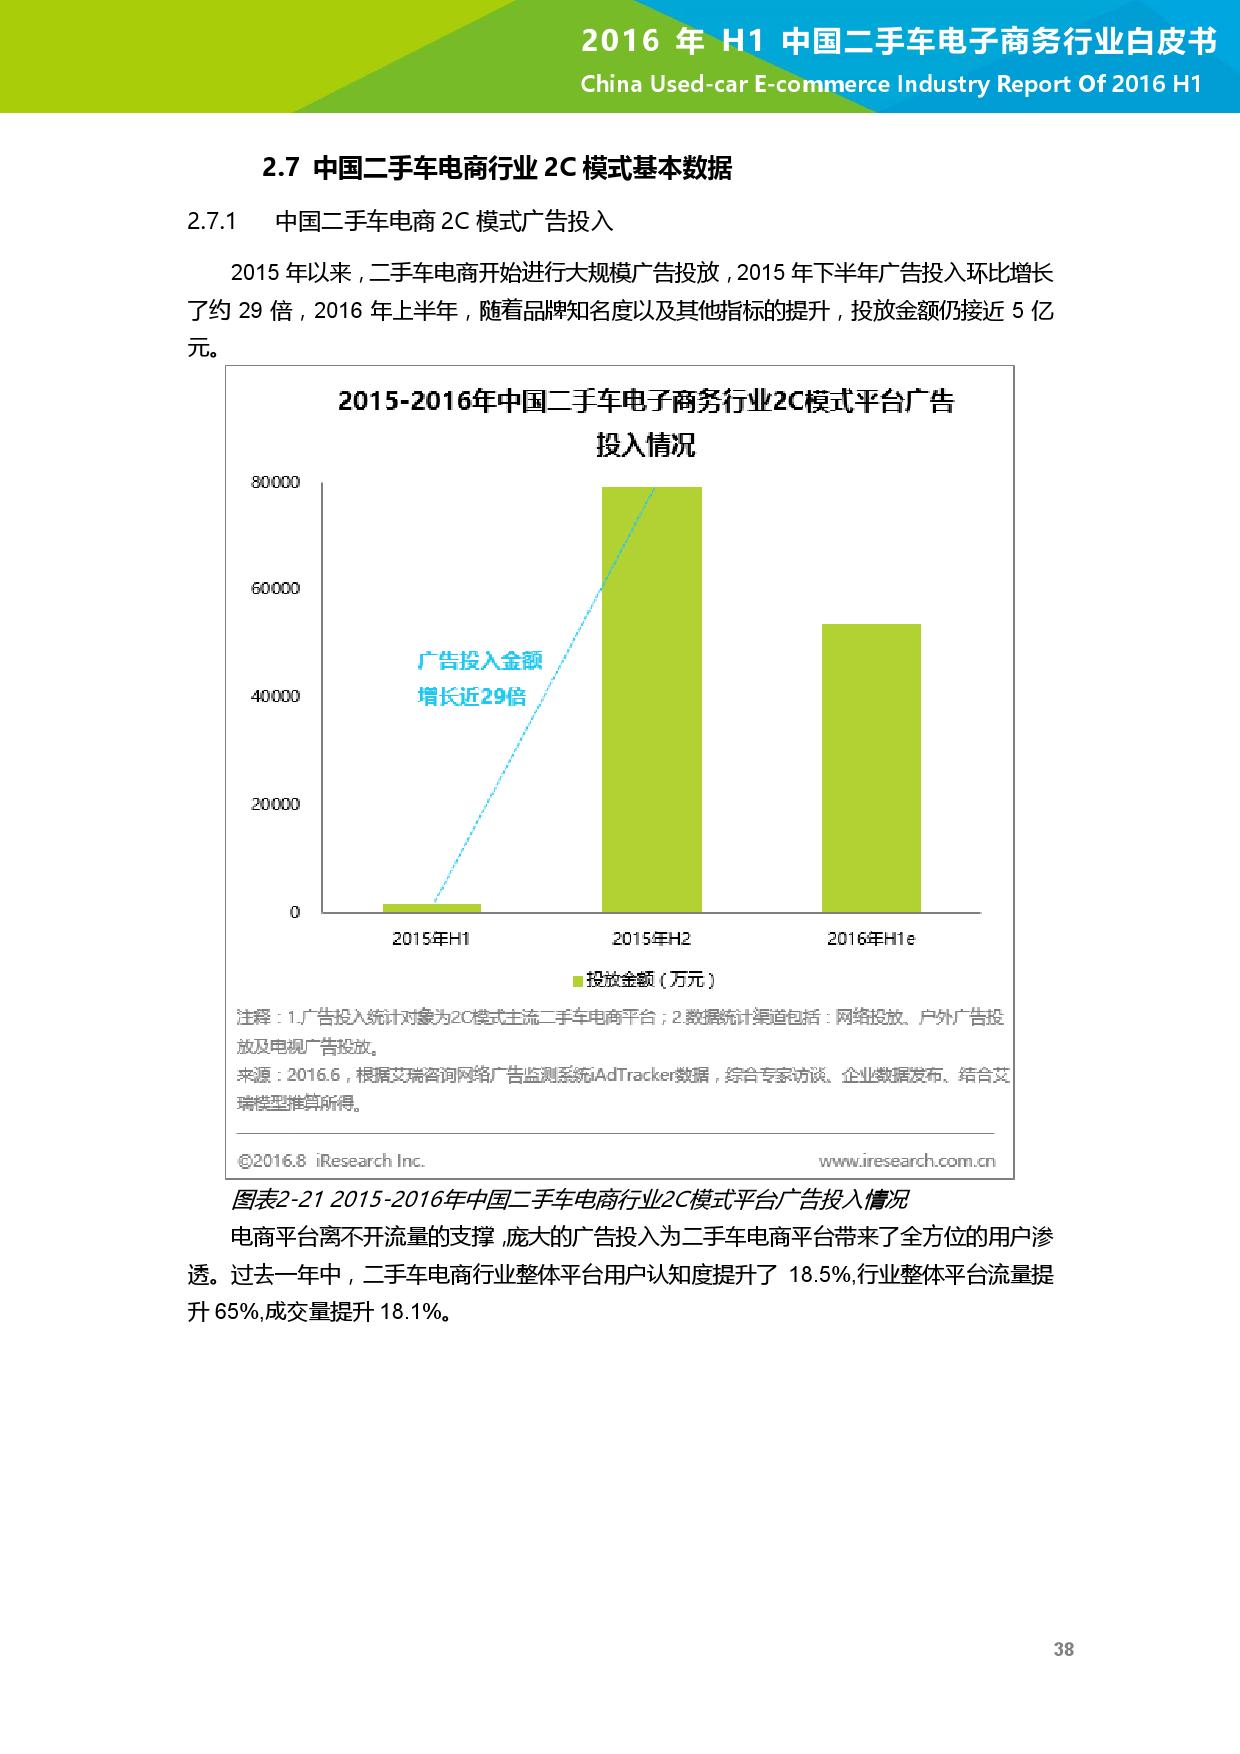 2016年H1中国二手车电子商务行业白皮书_000039